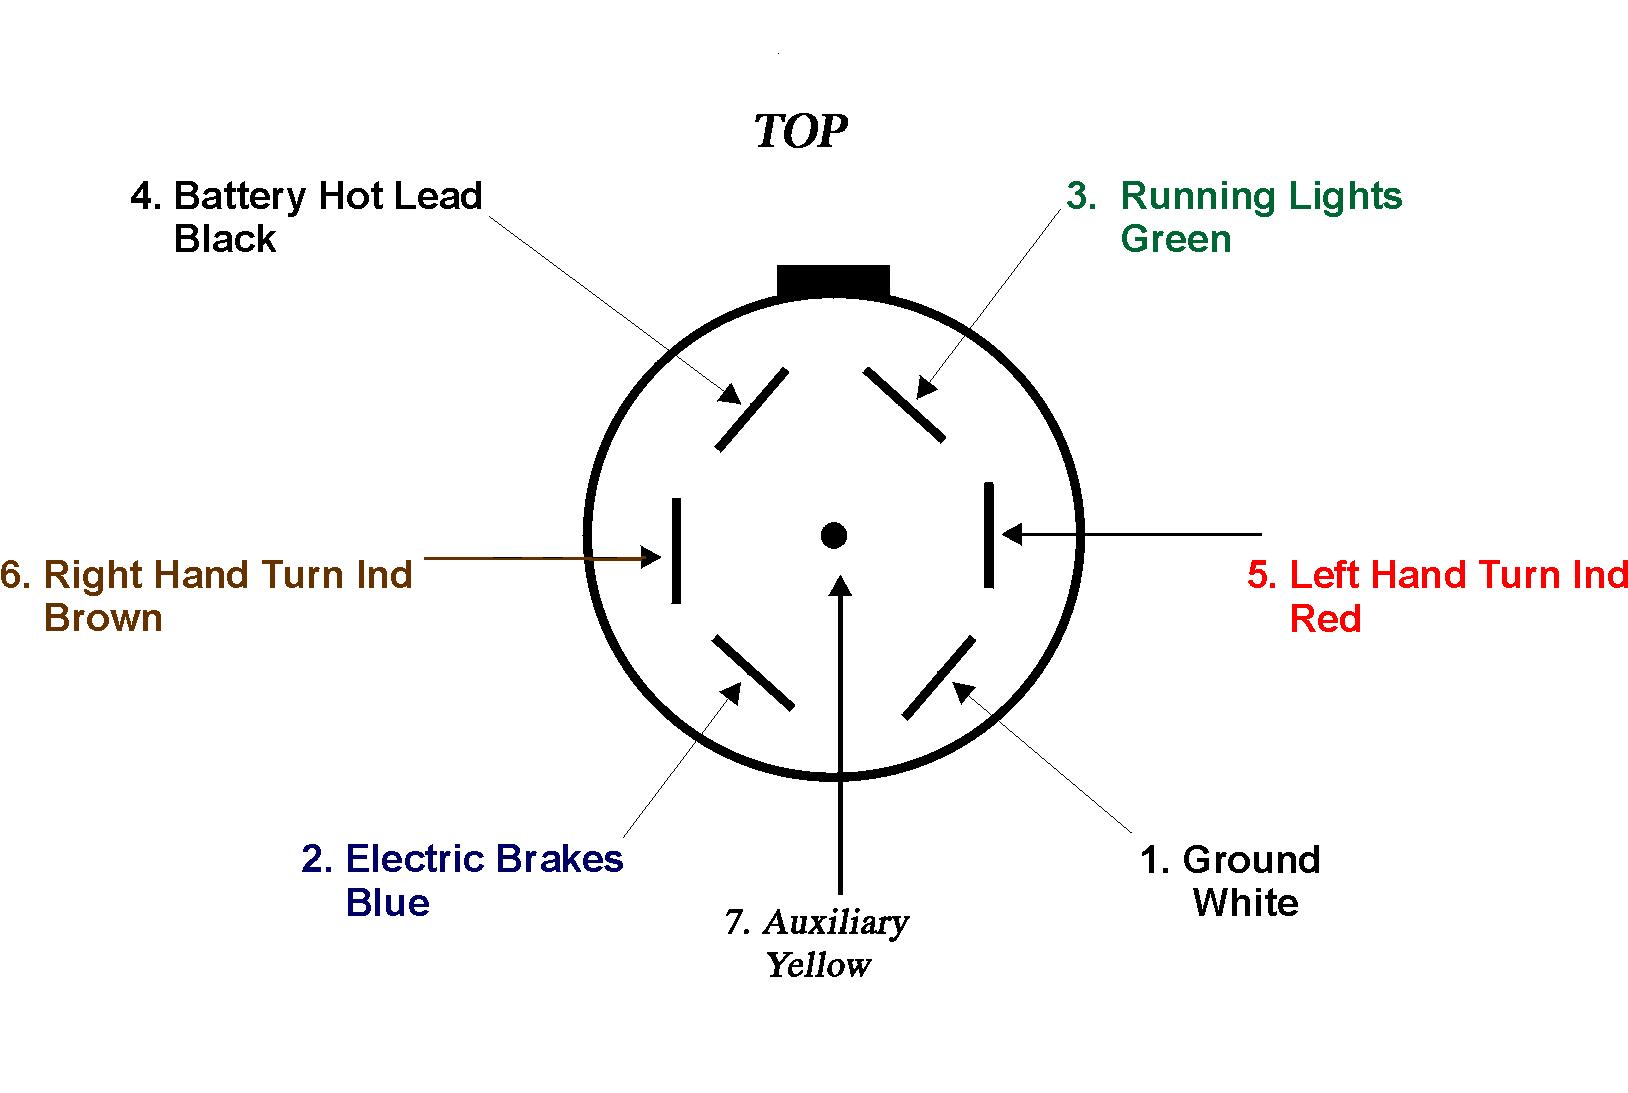 7 Pin Truck Wiring Diagram - Wiring Diagram Name - 7 Pin Trailer Connection Wiring Diagram